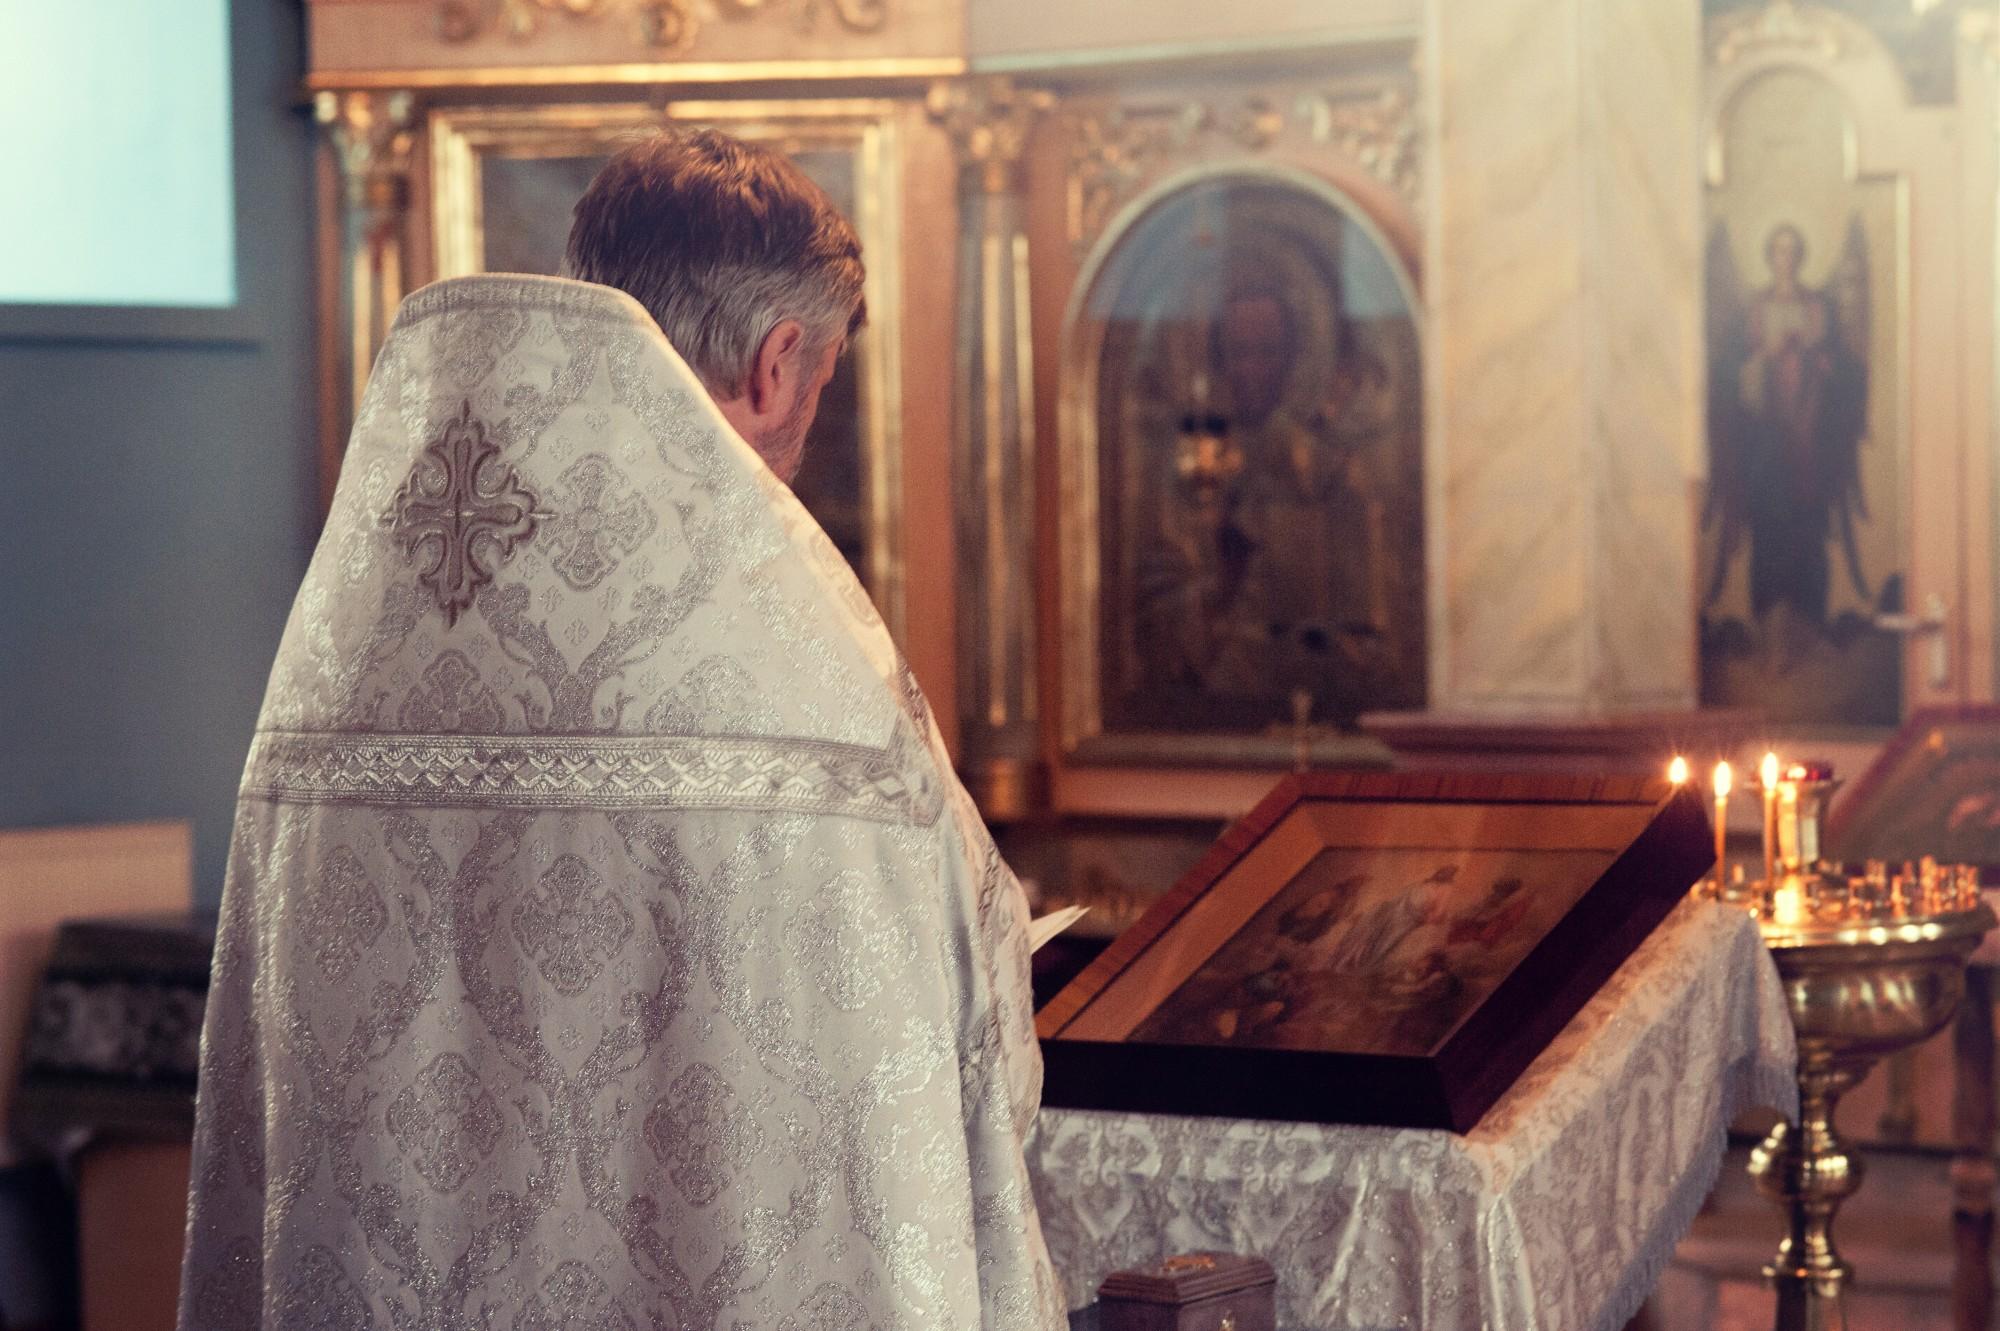 Católicos temem que lei de crimes de ódio criminalize a Bíblia